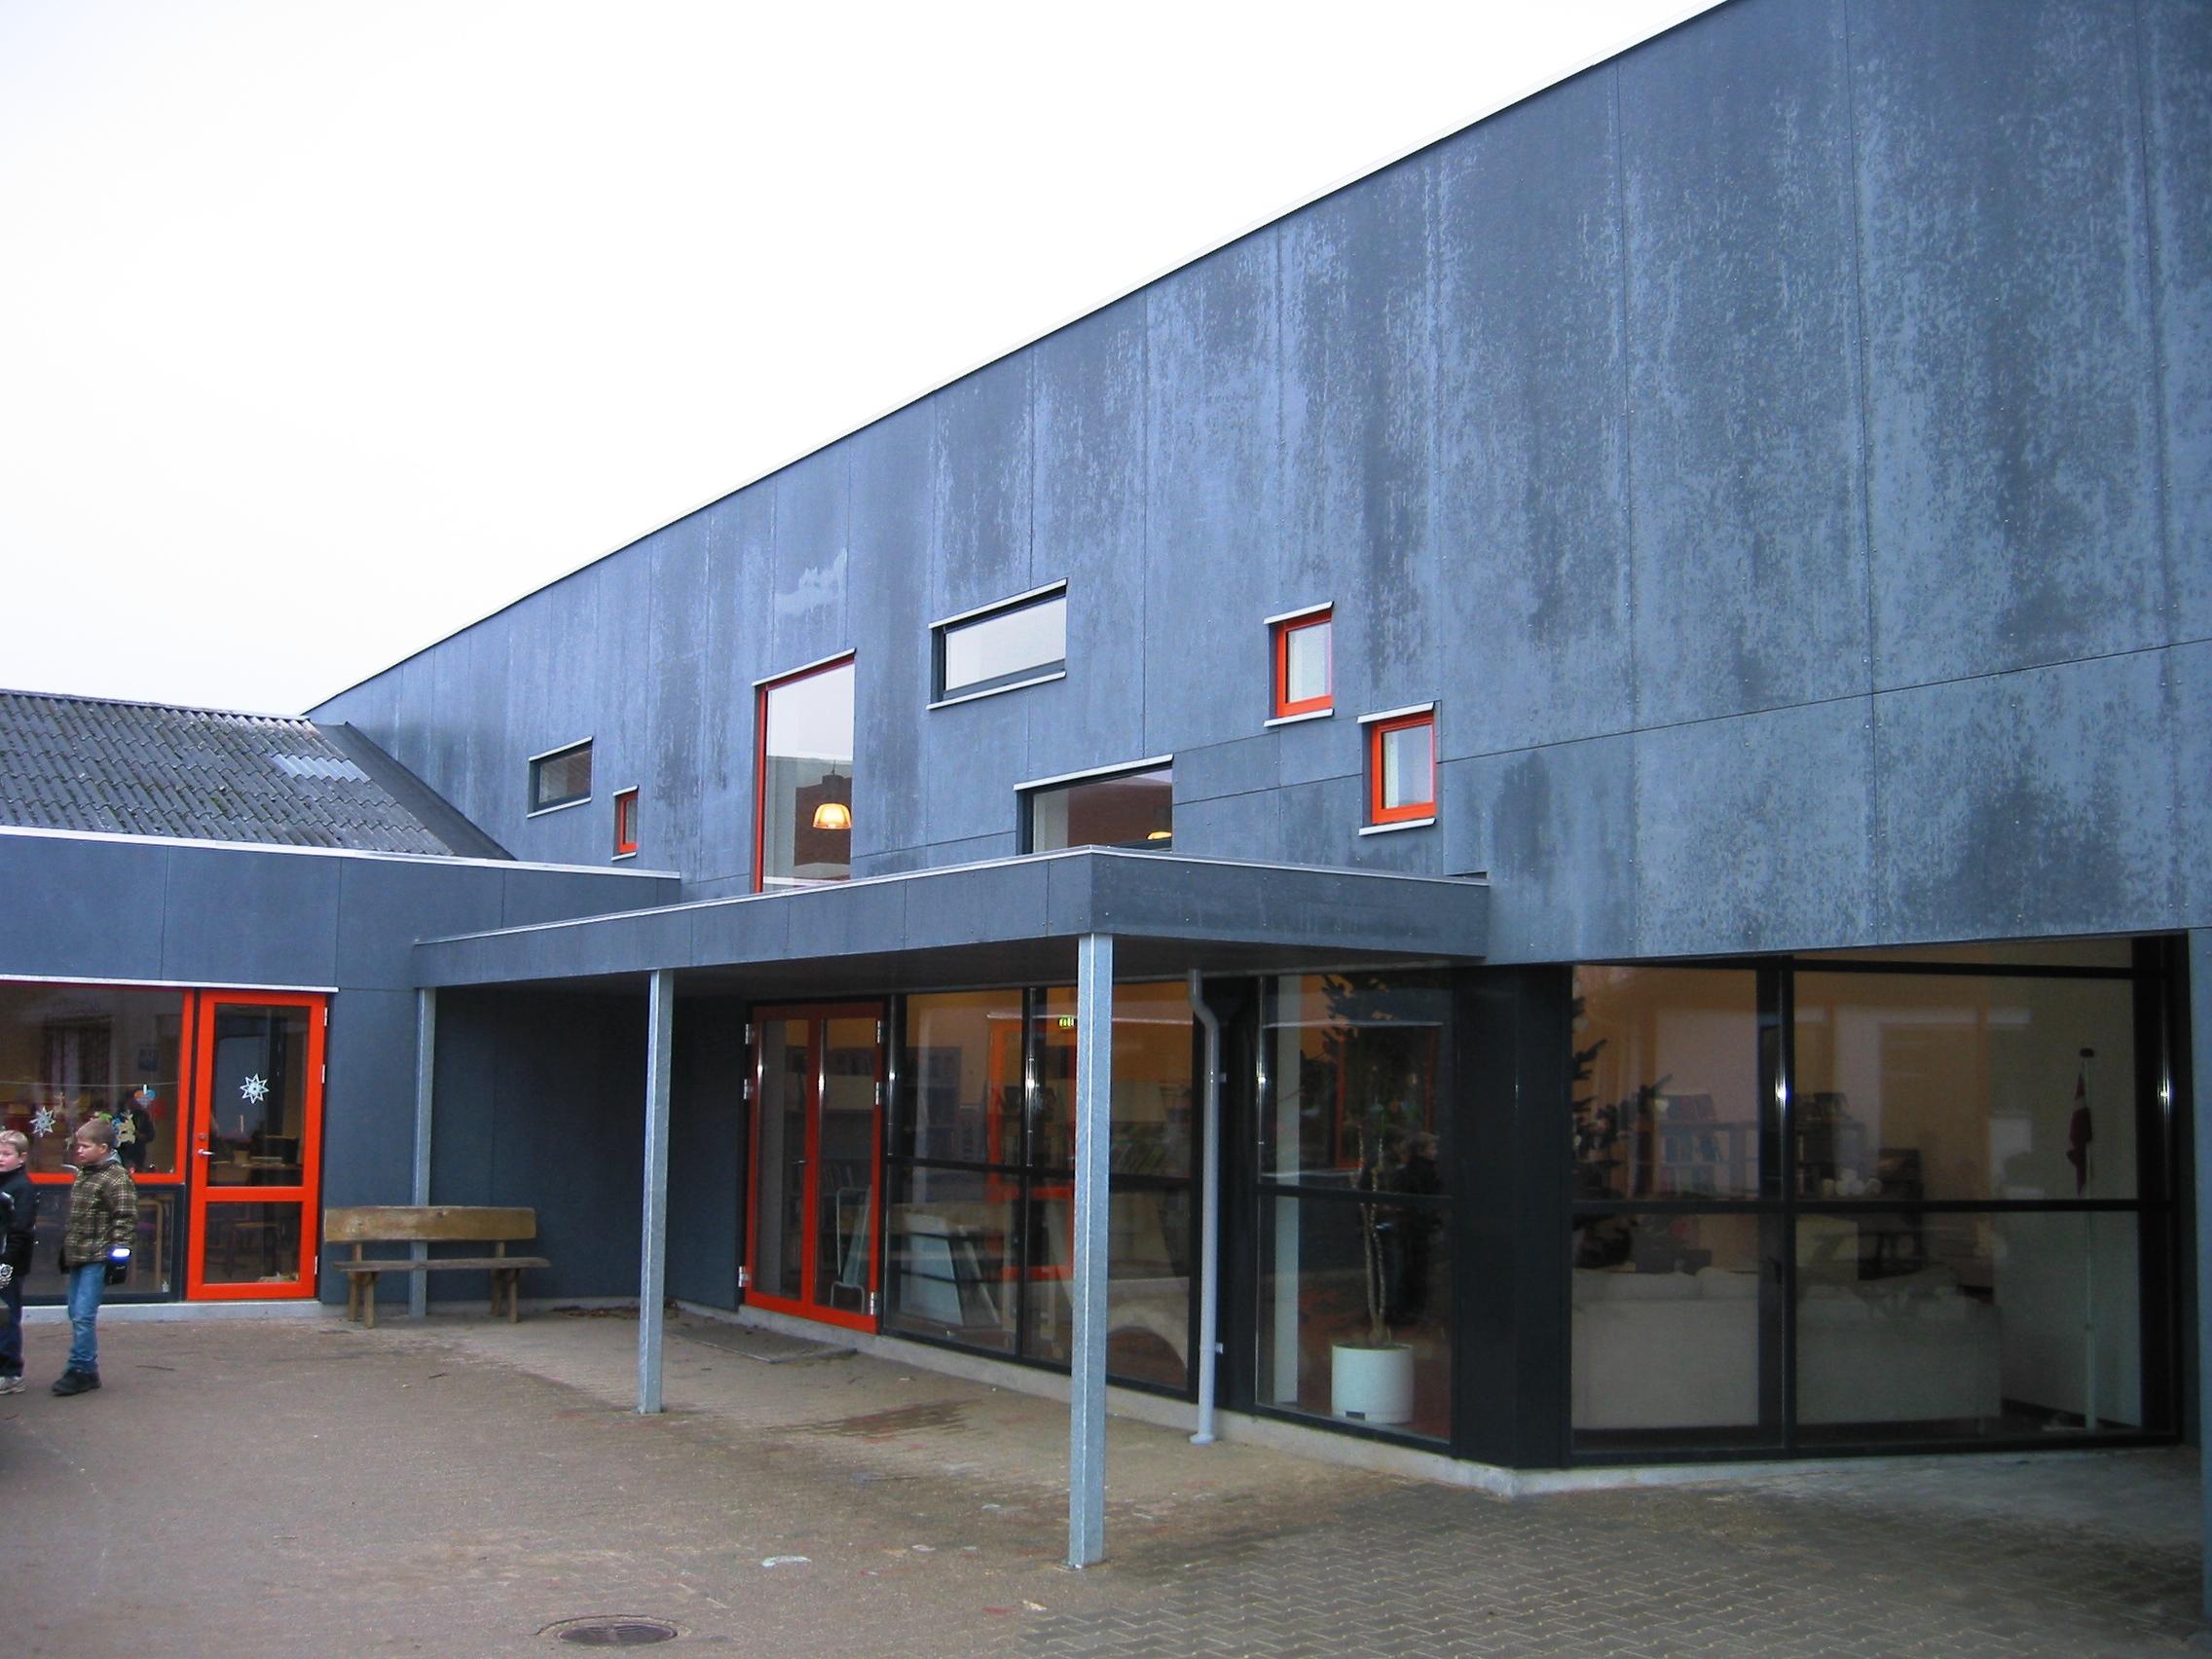 Bøgeskov Skole